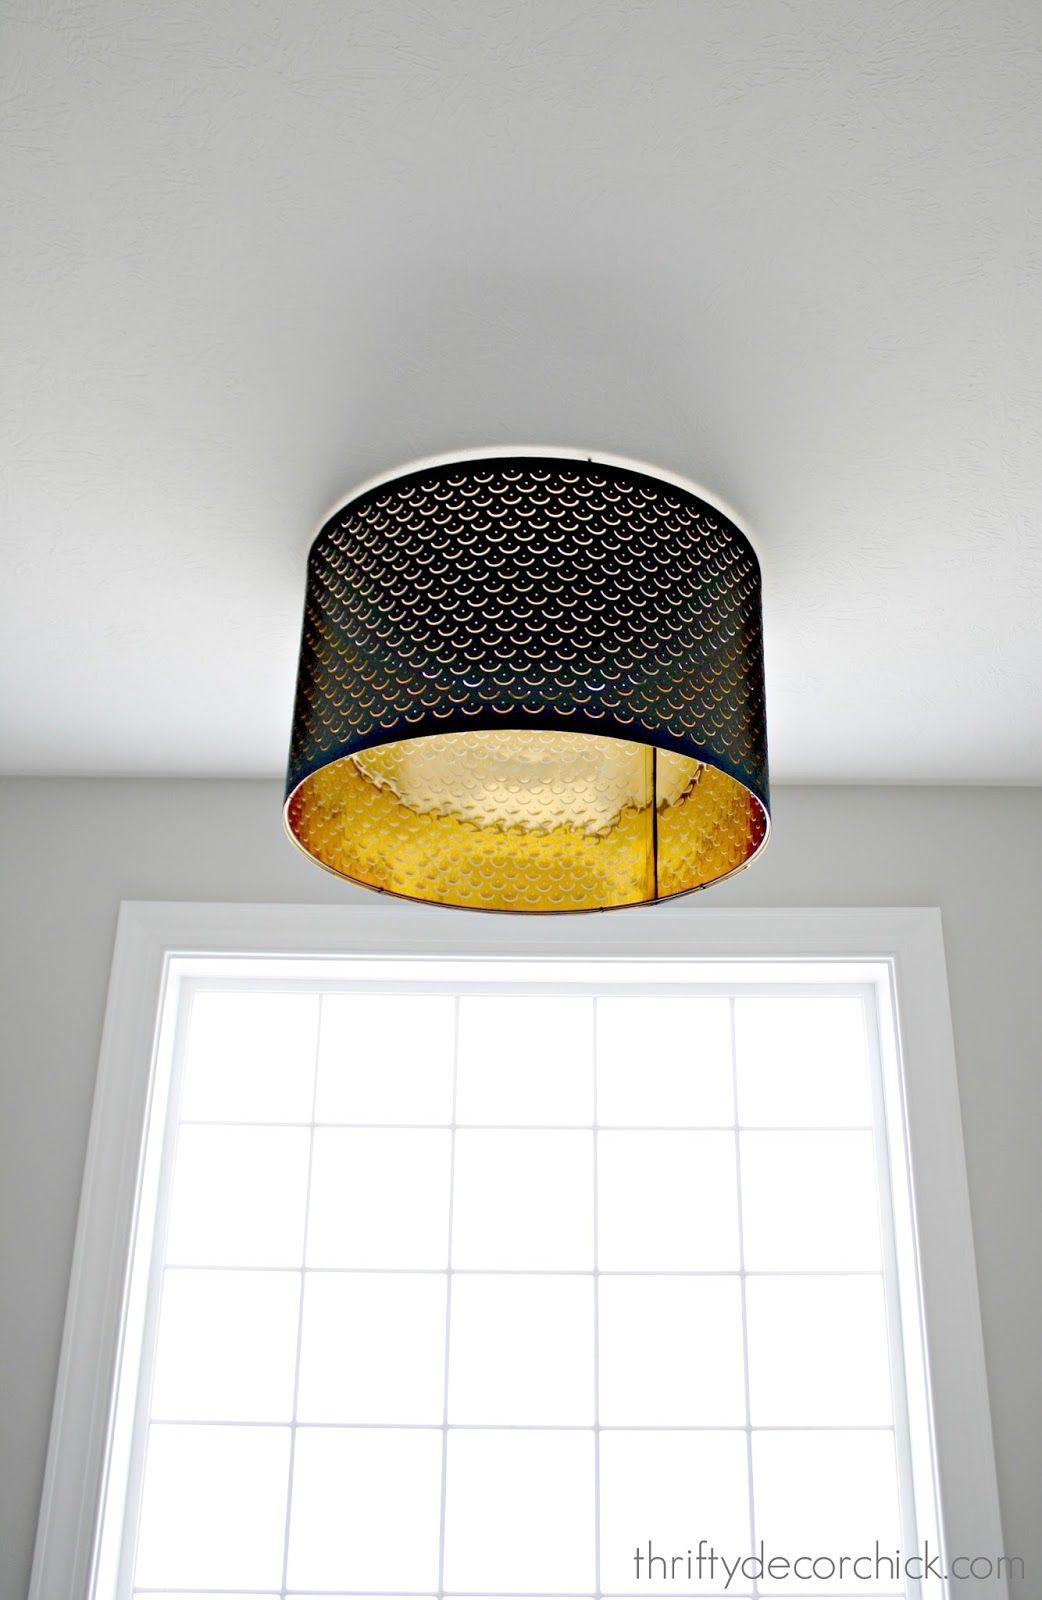 Verwenden Eines Lampenschirms Als Leuchte Grosse Lampenschirme Leuchten Und Lampen